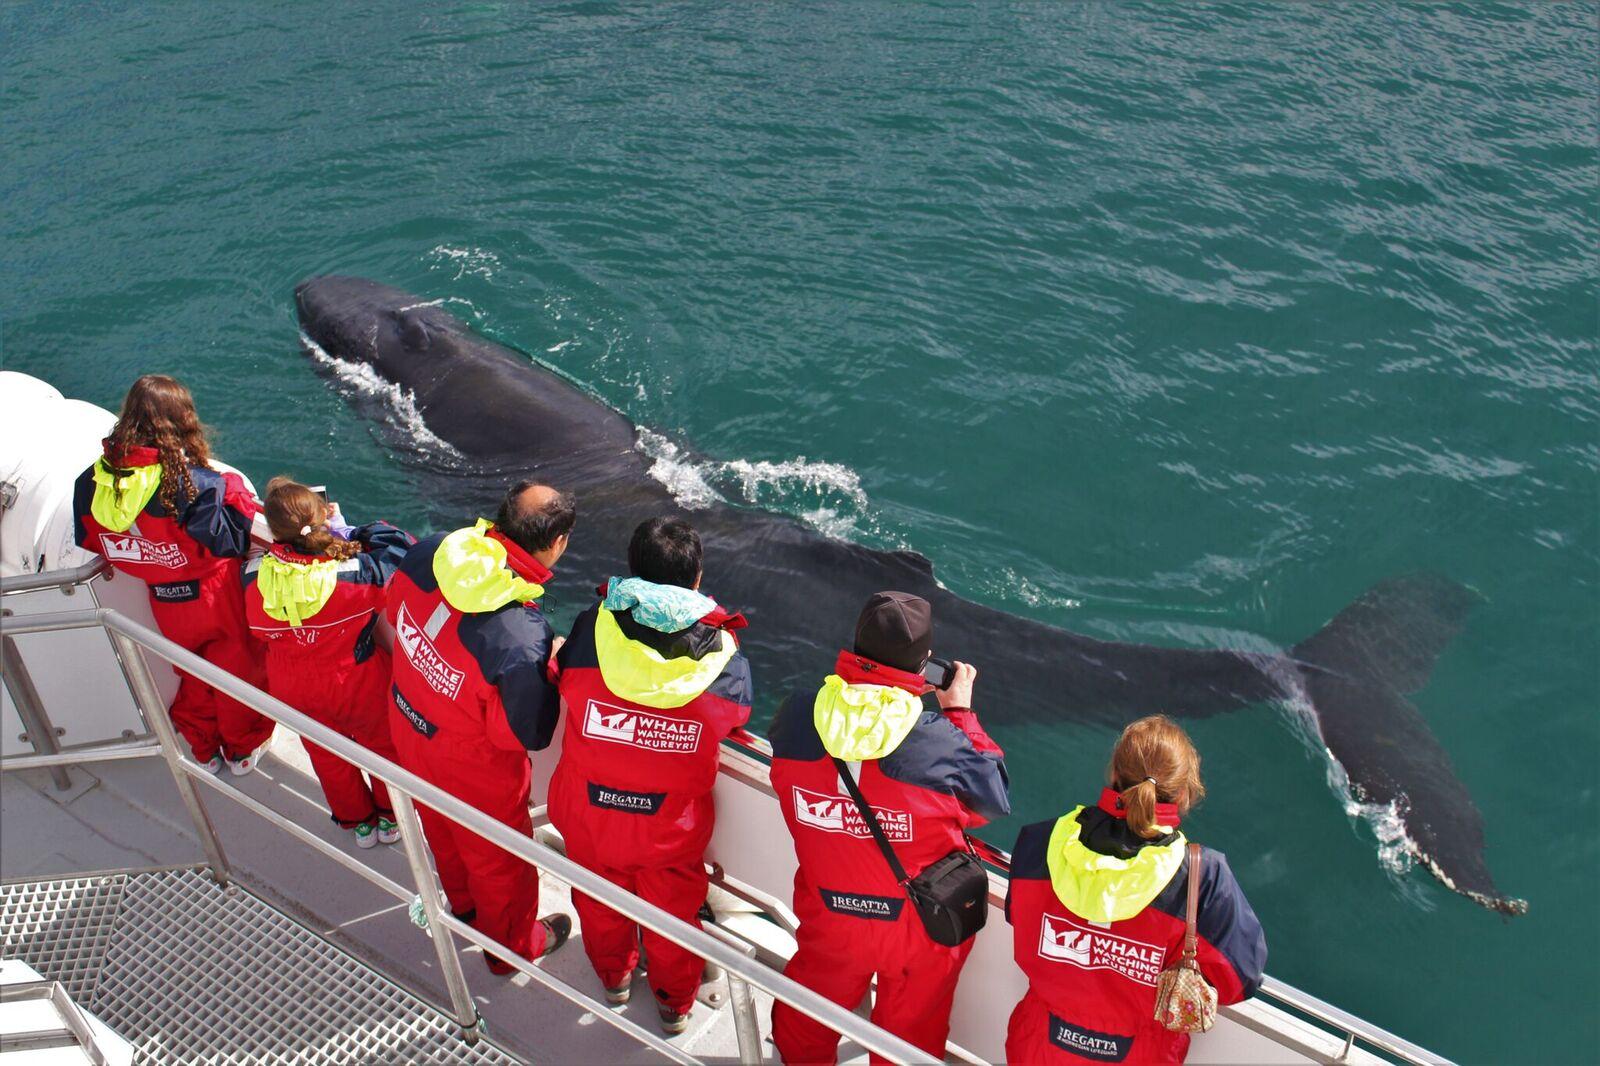 Podczas tej wycieczki na wieloryby z Akureyri zapewniono ciepłe kombinezony.